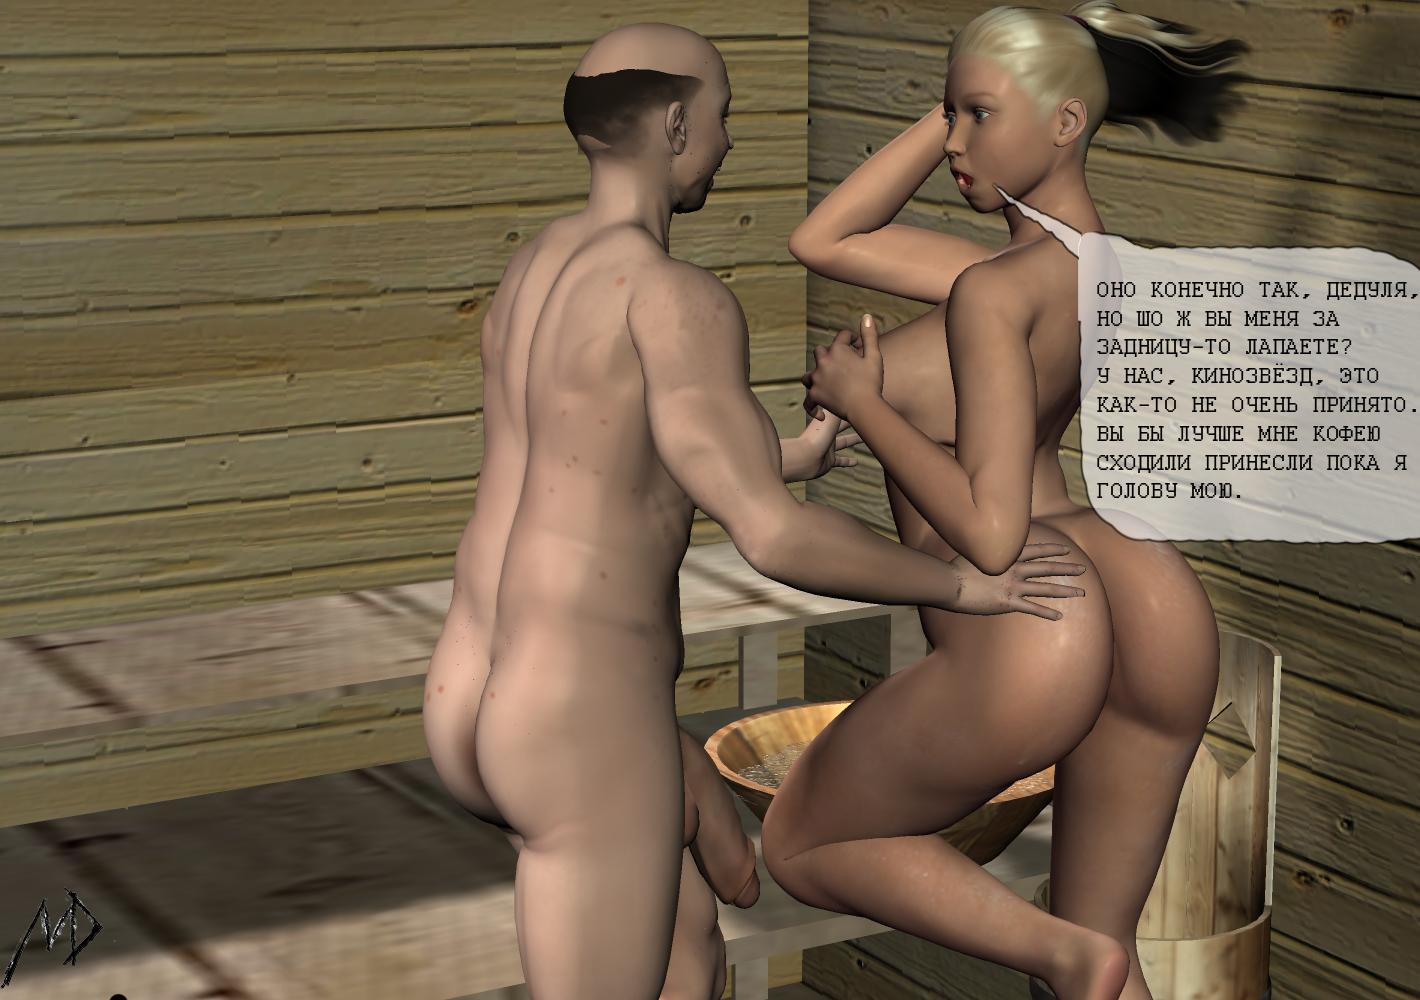 Читать русские рассказы инест, Эротические рассказы Инцест Читайте в разделе 6 фотография